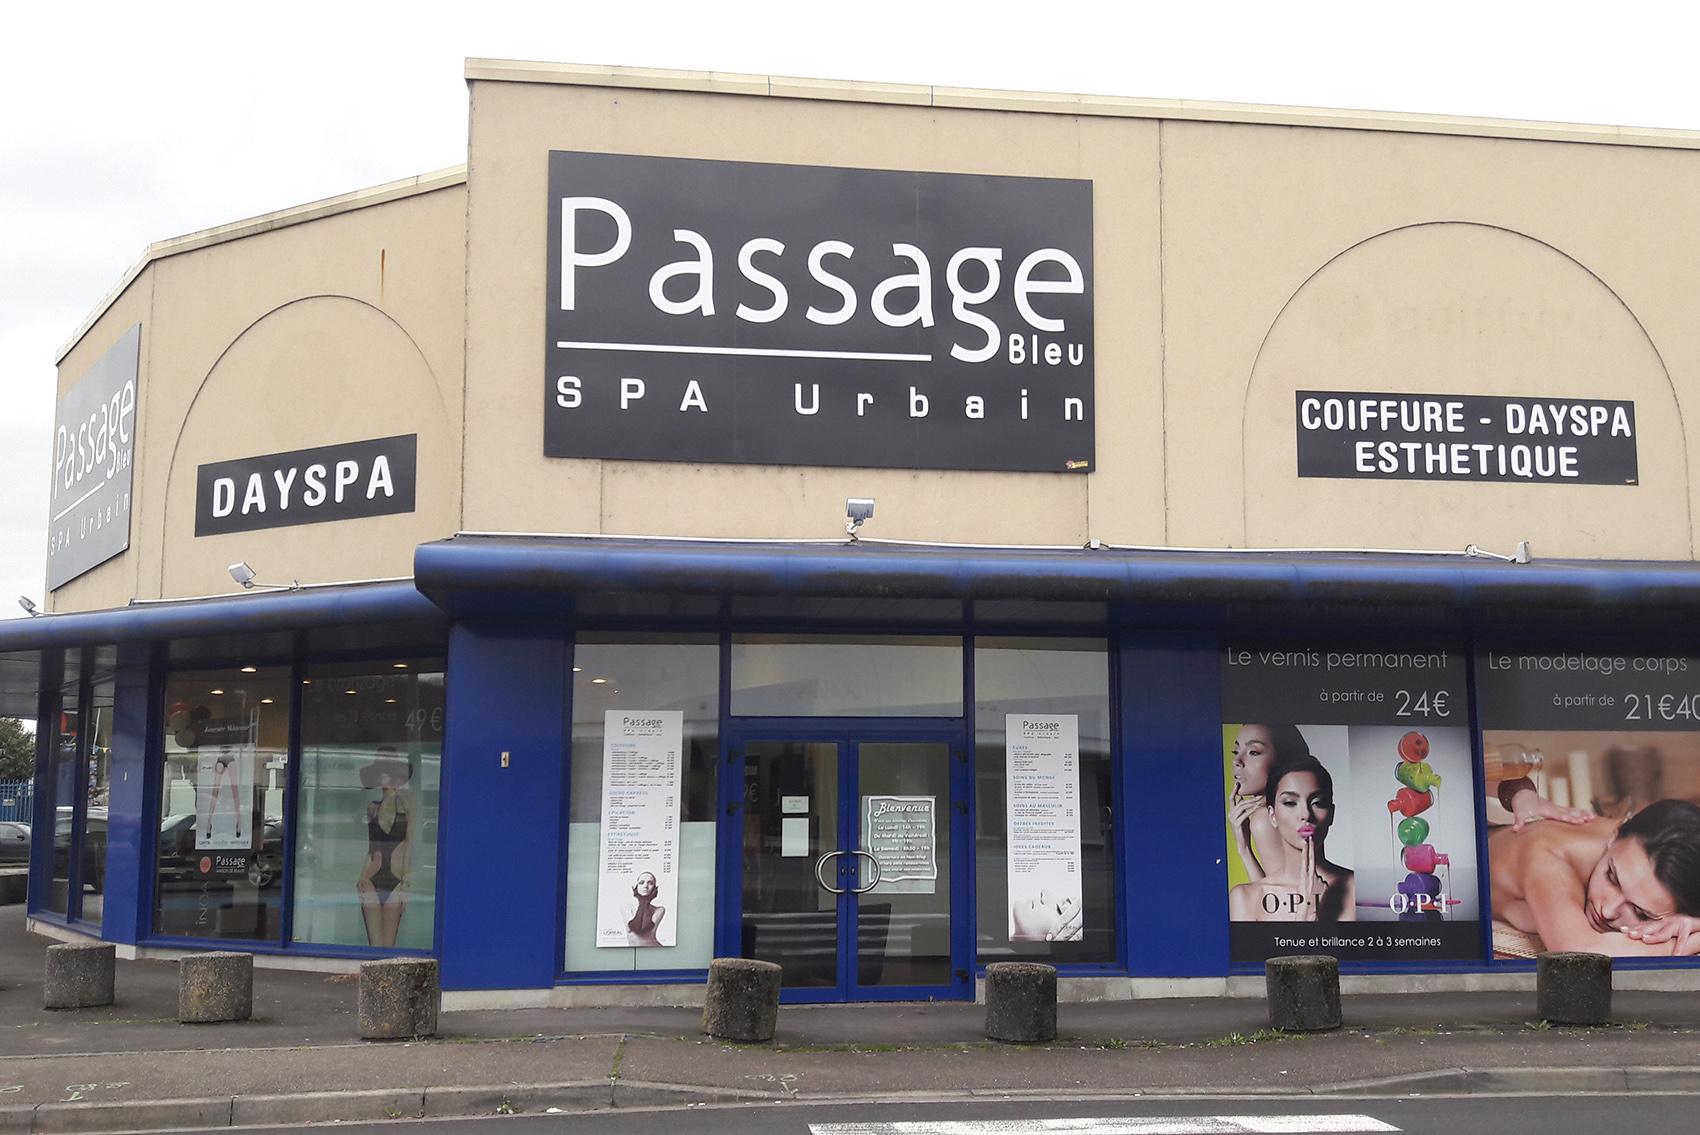 30+ Passage bleu tarif coiffure inspiration